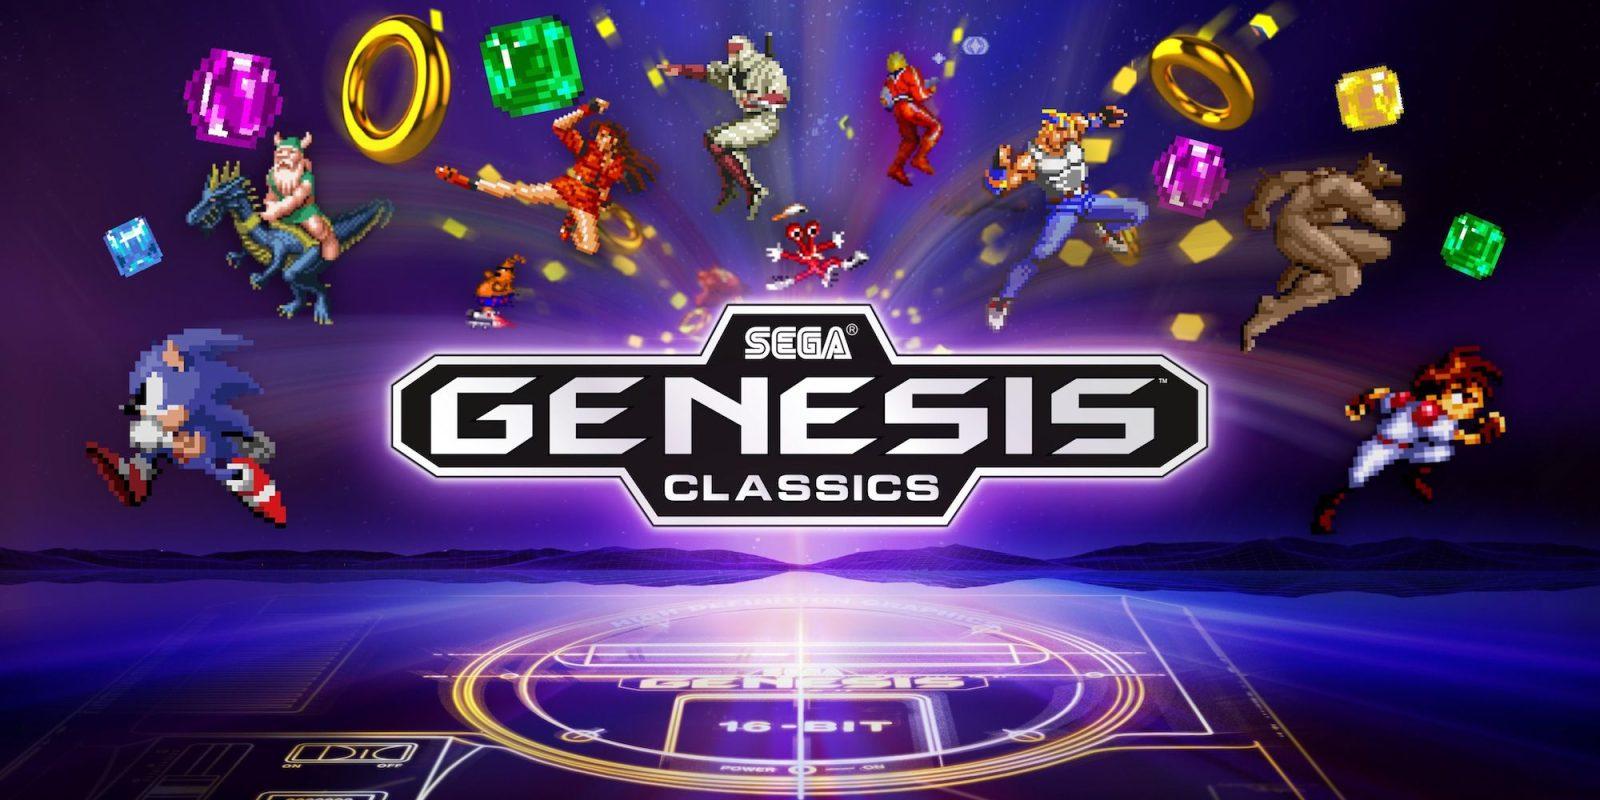 Today's Best Game Deals: SEGA Classics $20, Mario + Rabbids StarLink Bundle $30, more